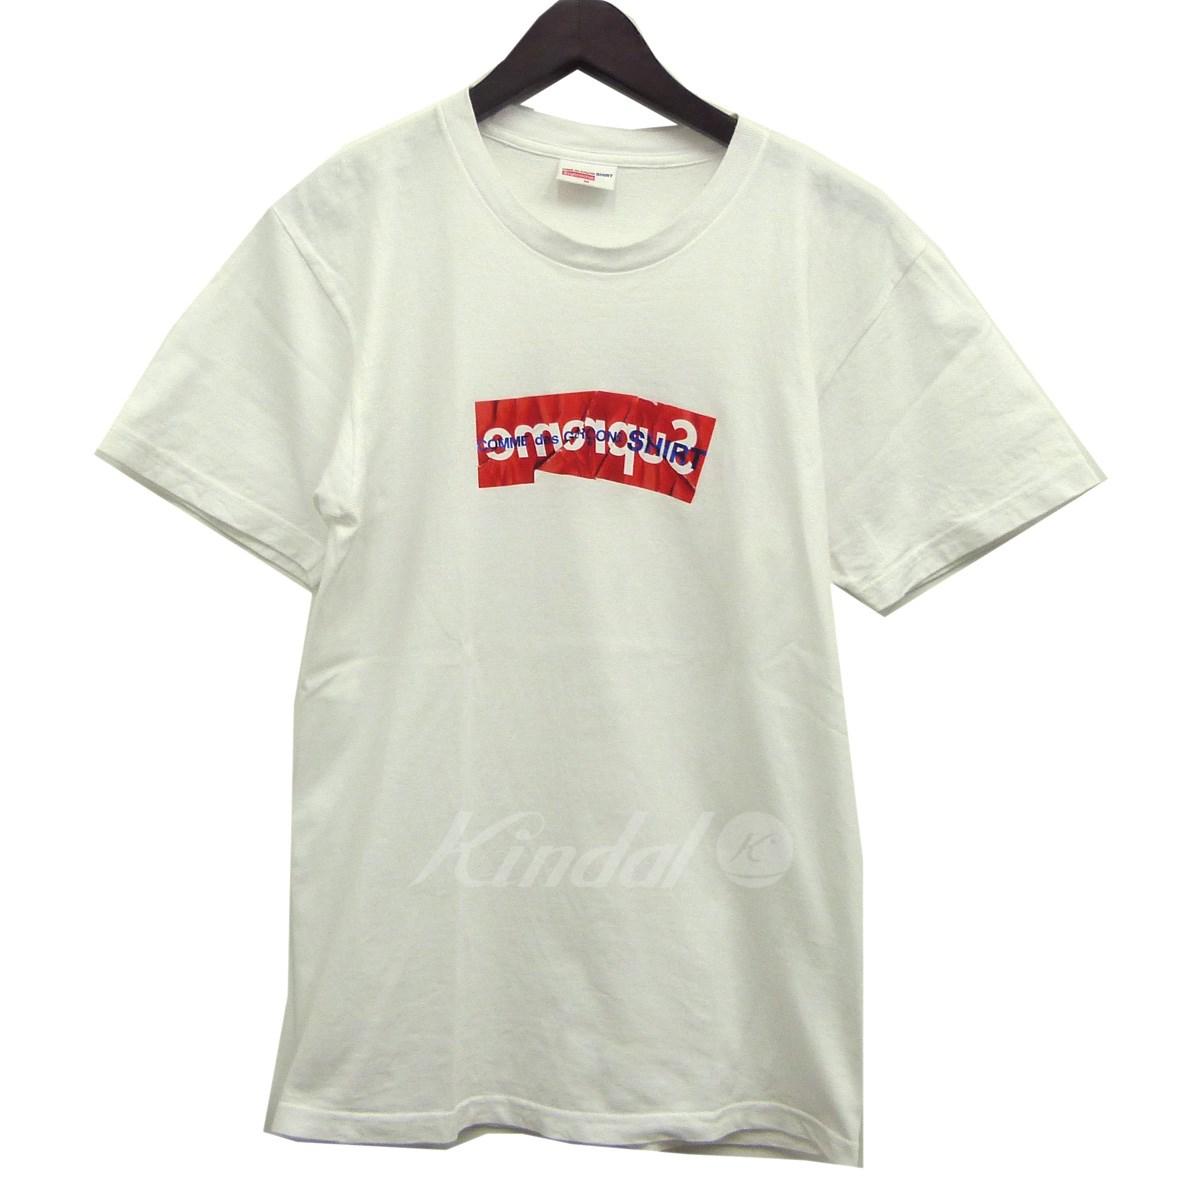 【中古】Supreme x Comme des Garcons SHIRT 17SS「Box Logo Tee」ボックスロゴTシャツ ホワイト サイズ:M 【送料無料】 【061018】(シュプリーム×コムデギャルソンシャツ)